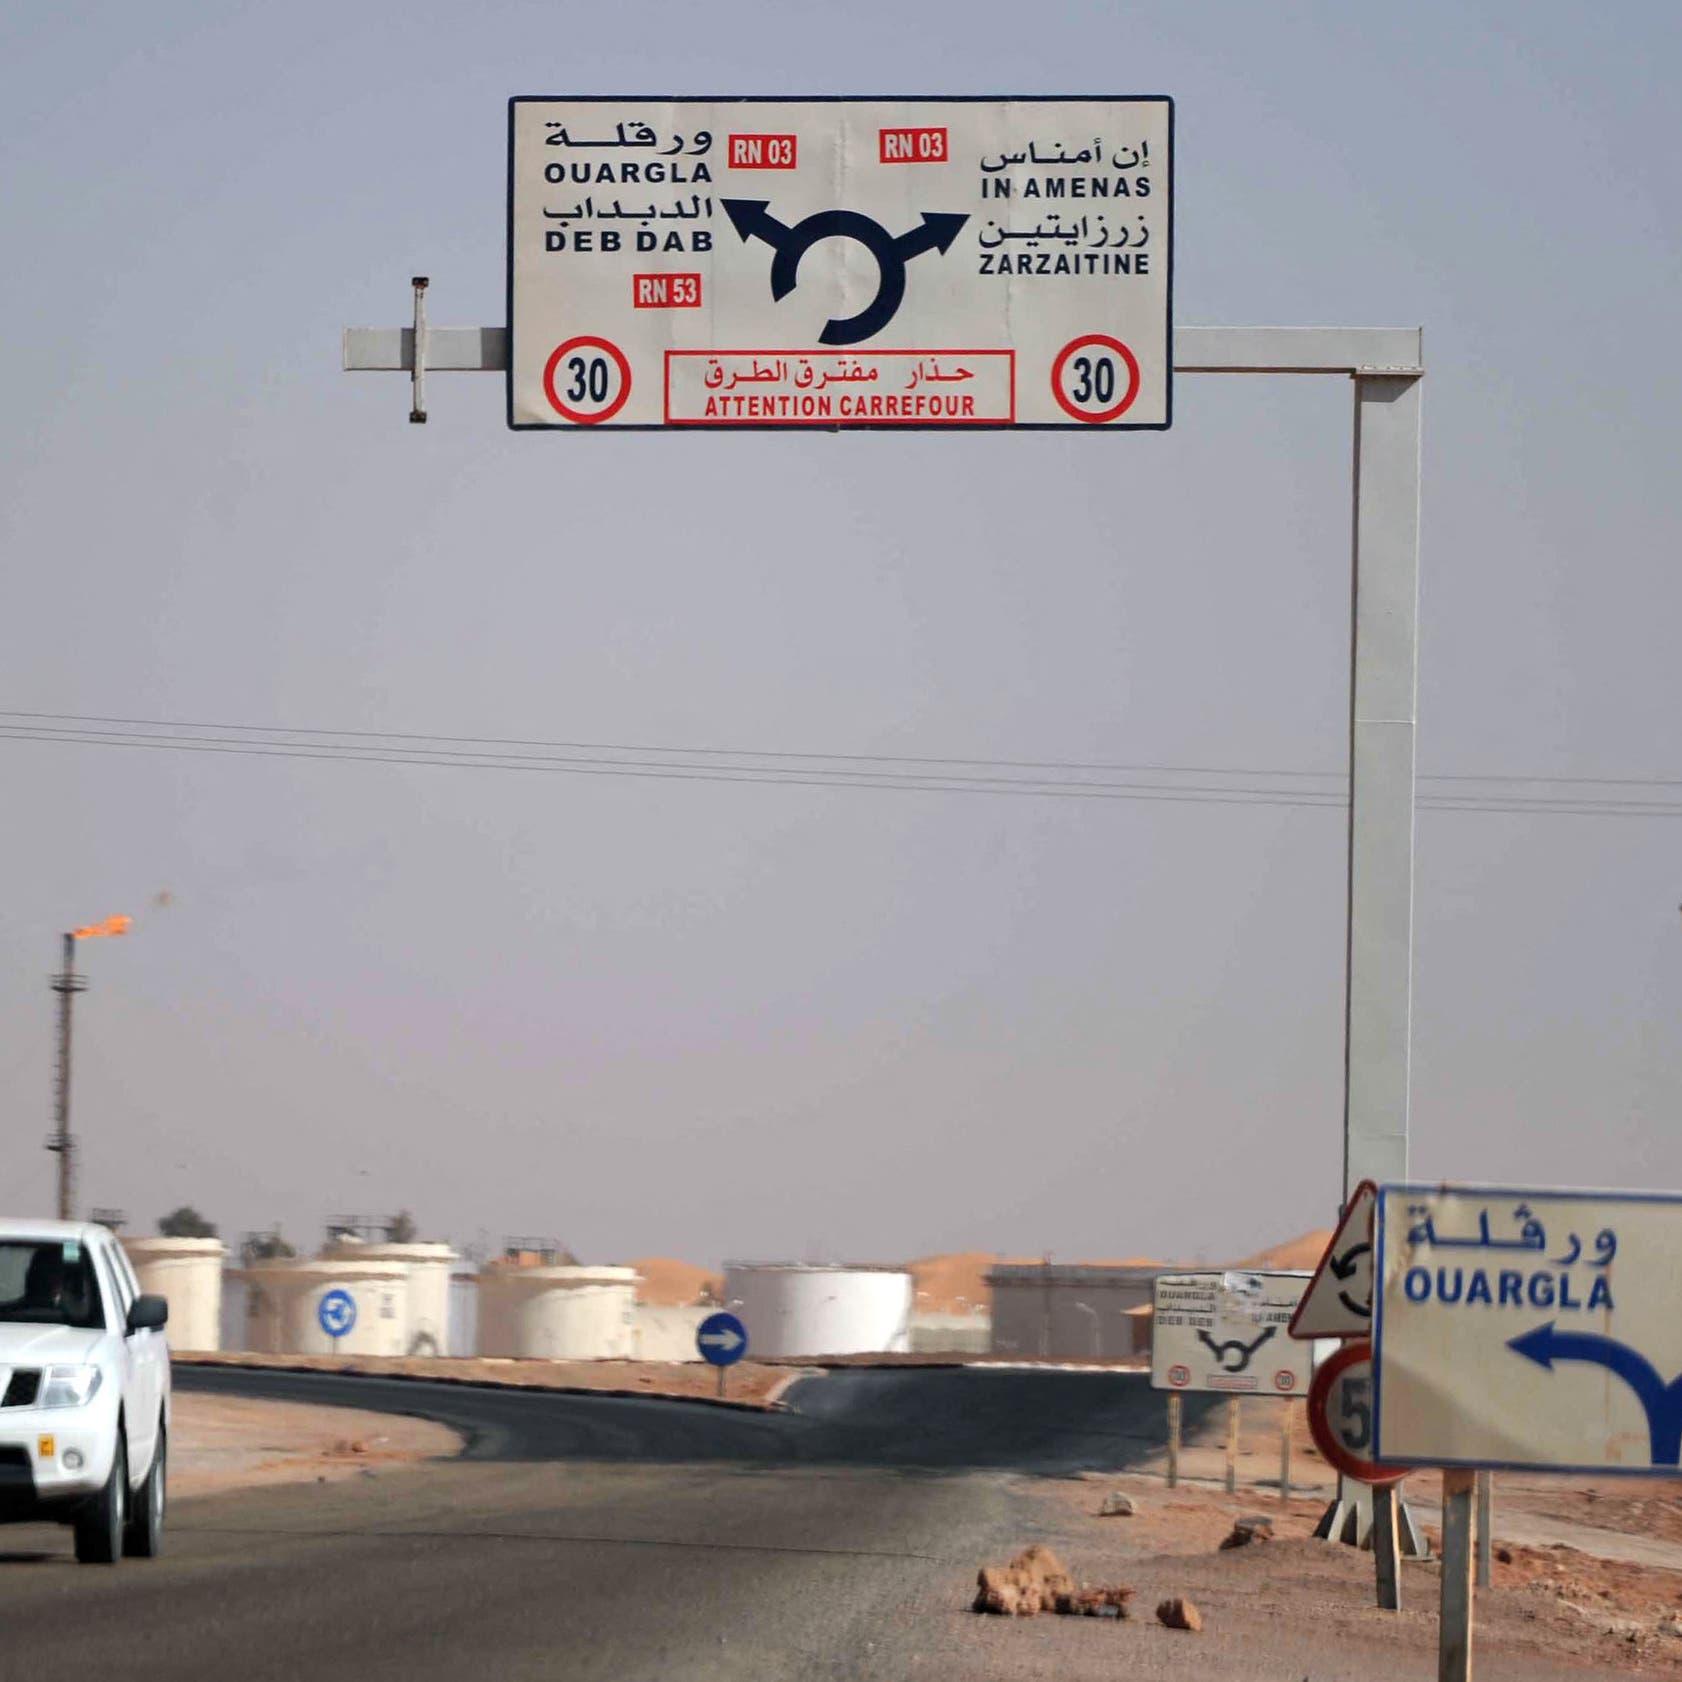 الجزائر تستعد لفتح معبر حدودي مع ليبيا وخط بحري مع طرابلس